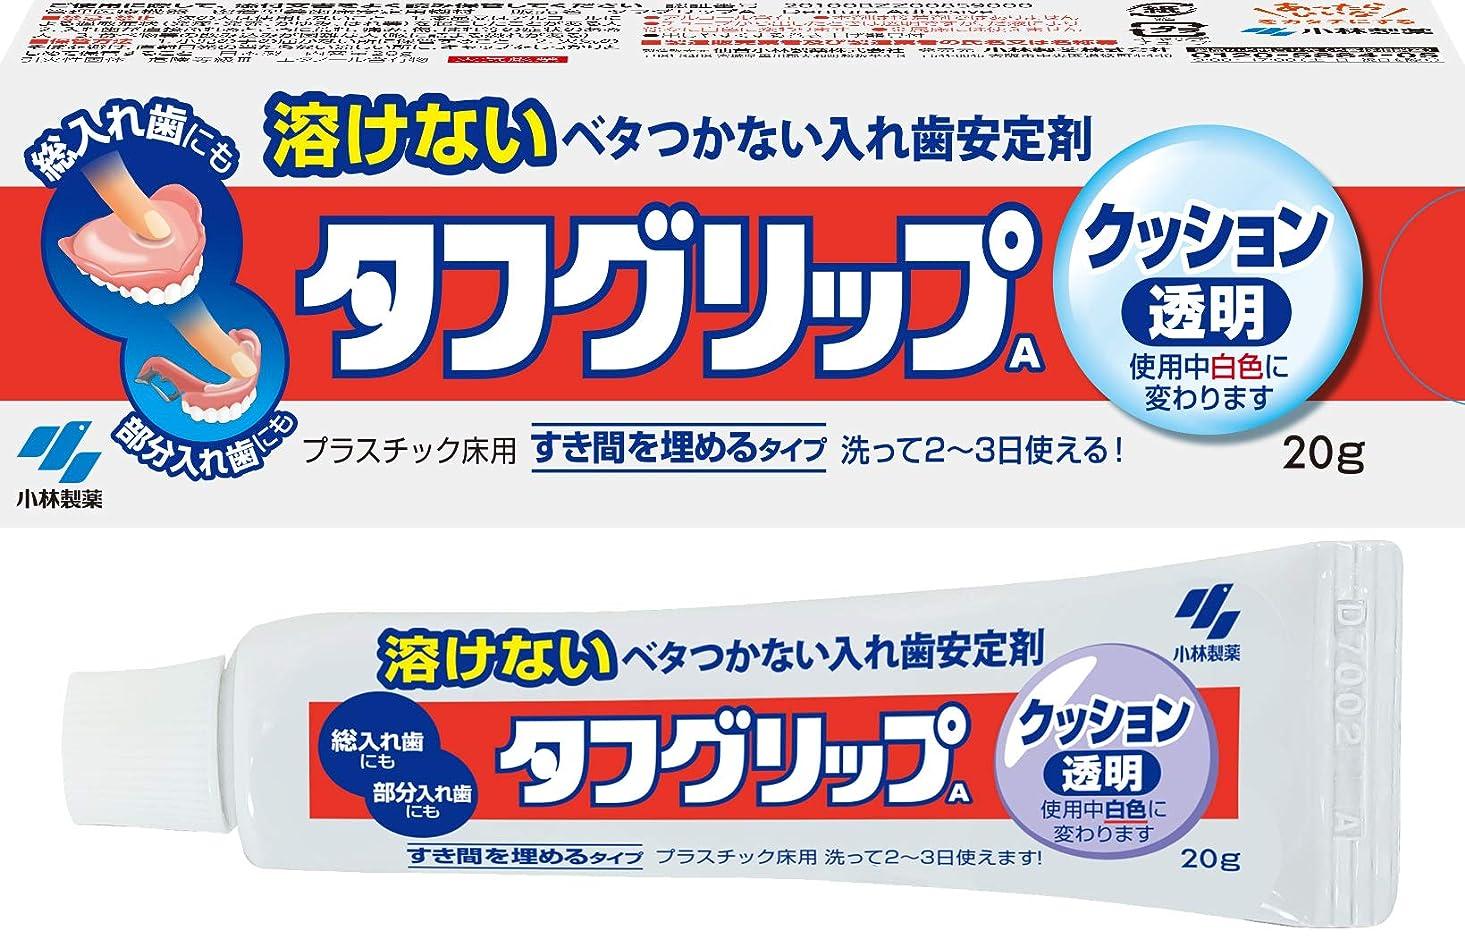 できた一過性雇ったタフグリップクッション 透明 入れ歯安定剤(総入れ歯?部分入れ歯) 20g